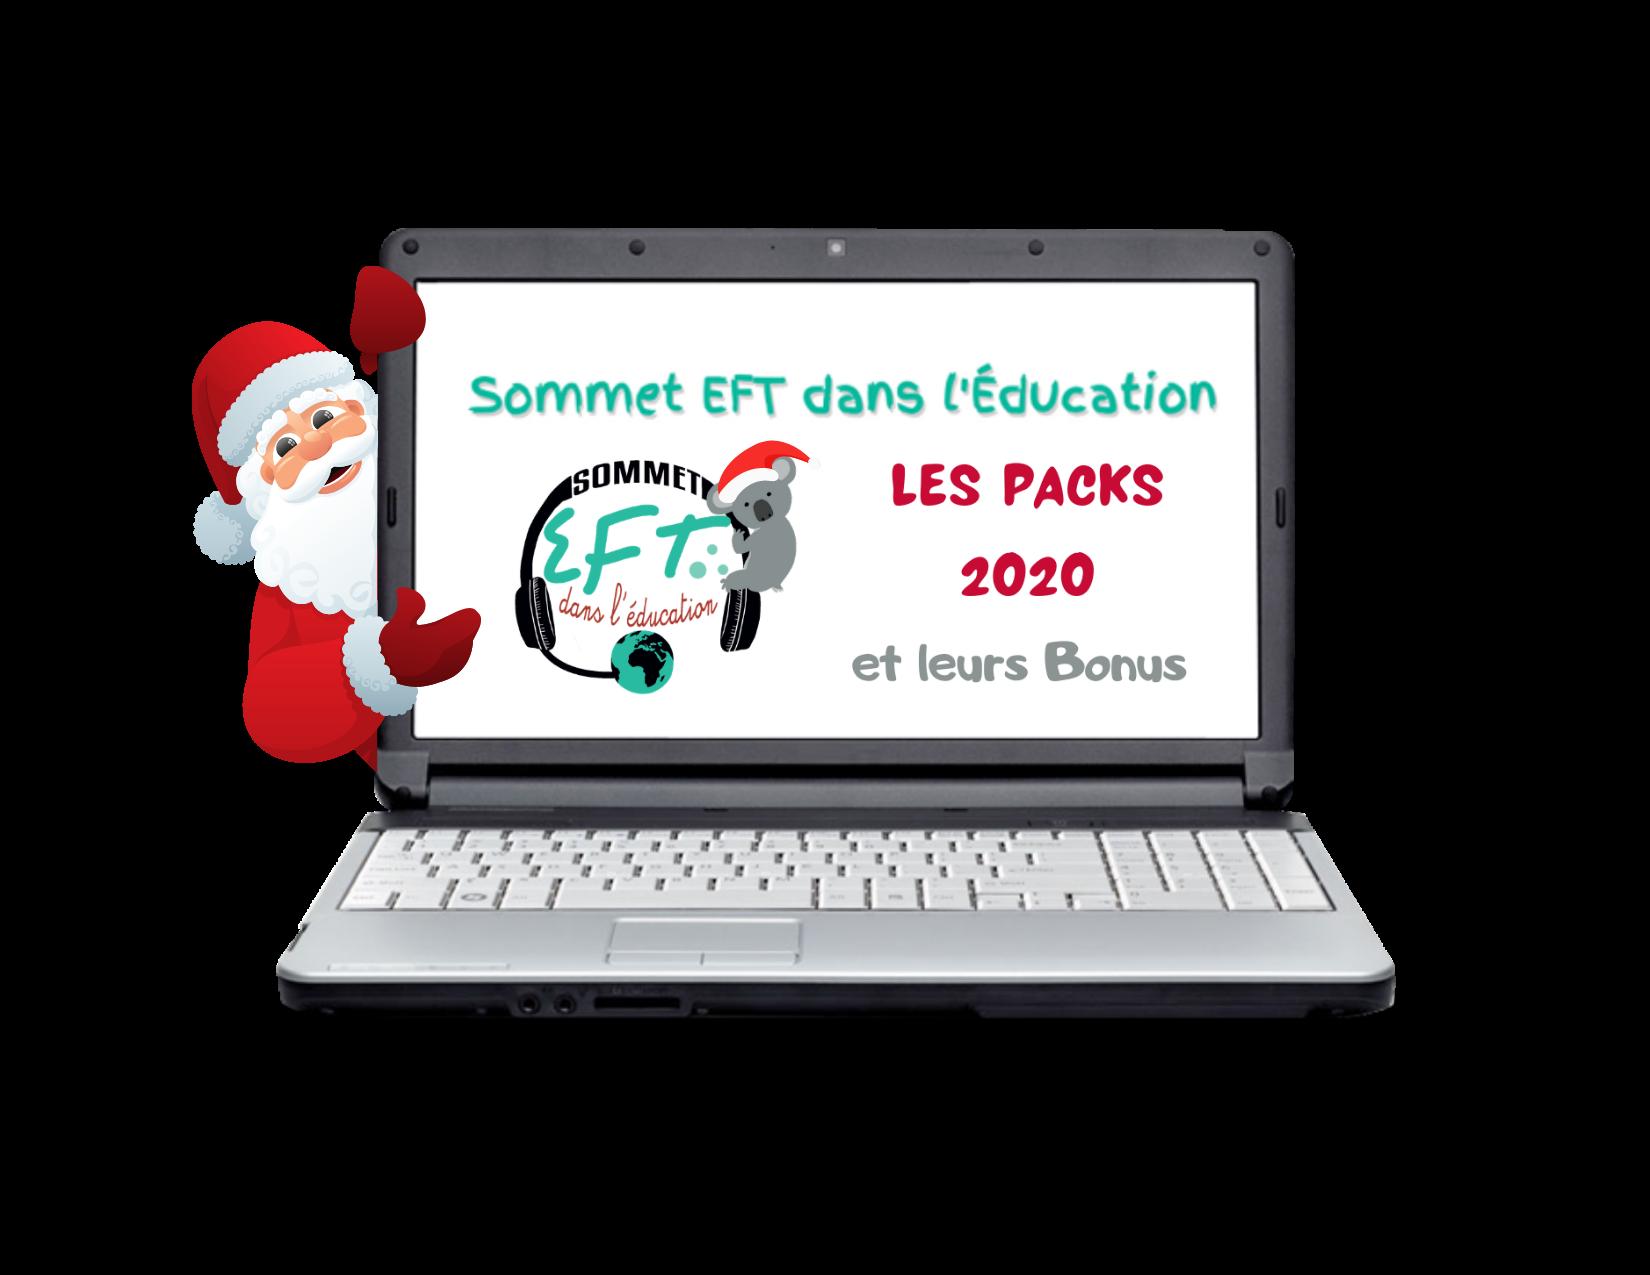 SOMMET Virtuel EFT dans l'Éducation 2020 - 2 Packs | St Nicolas